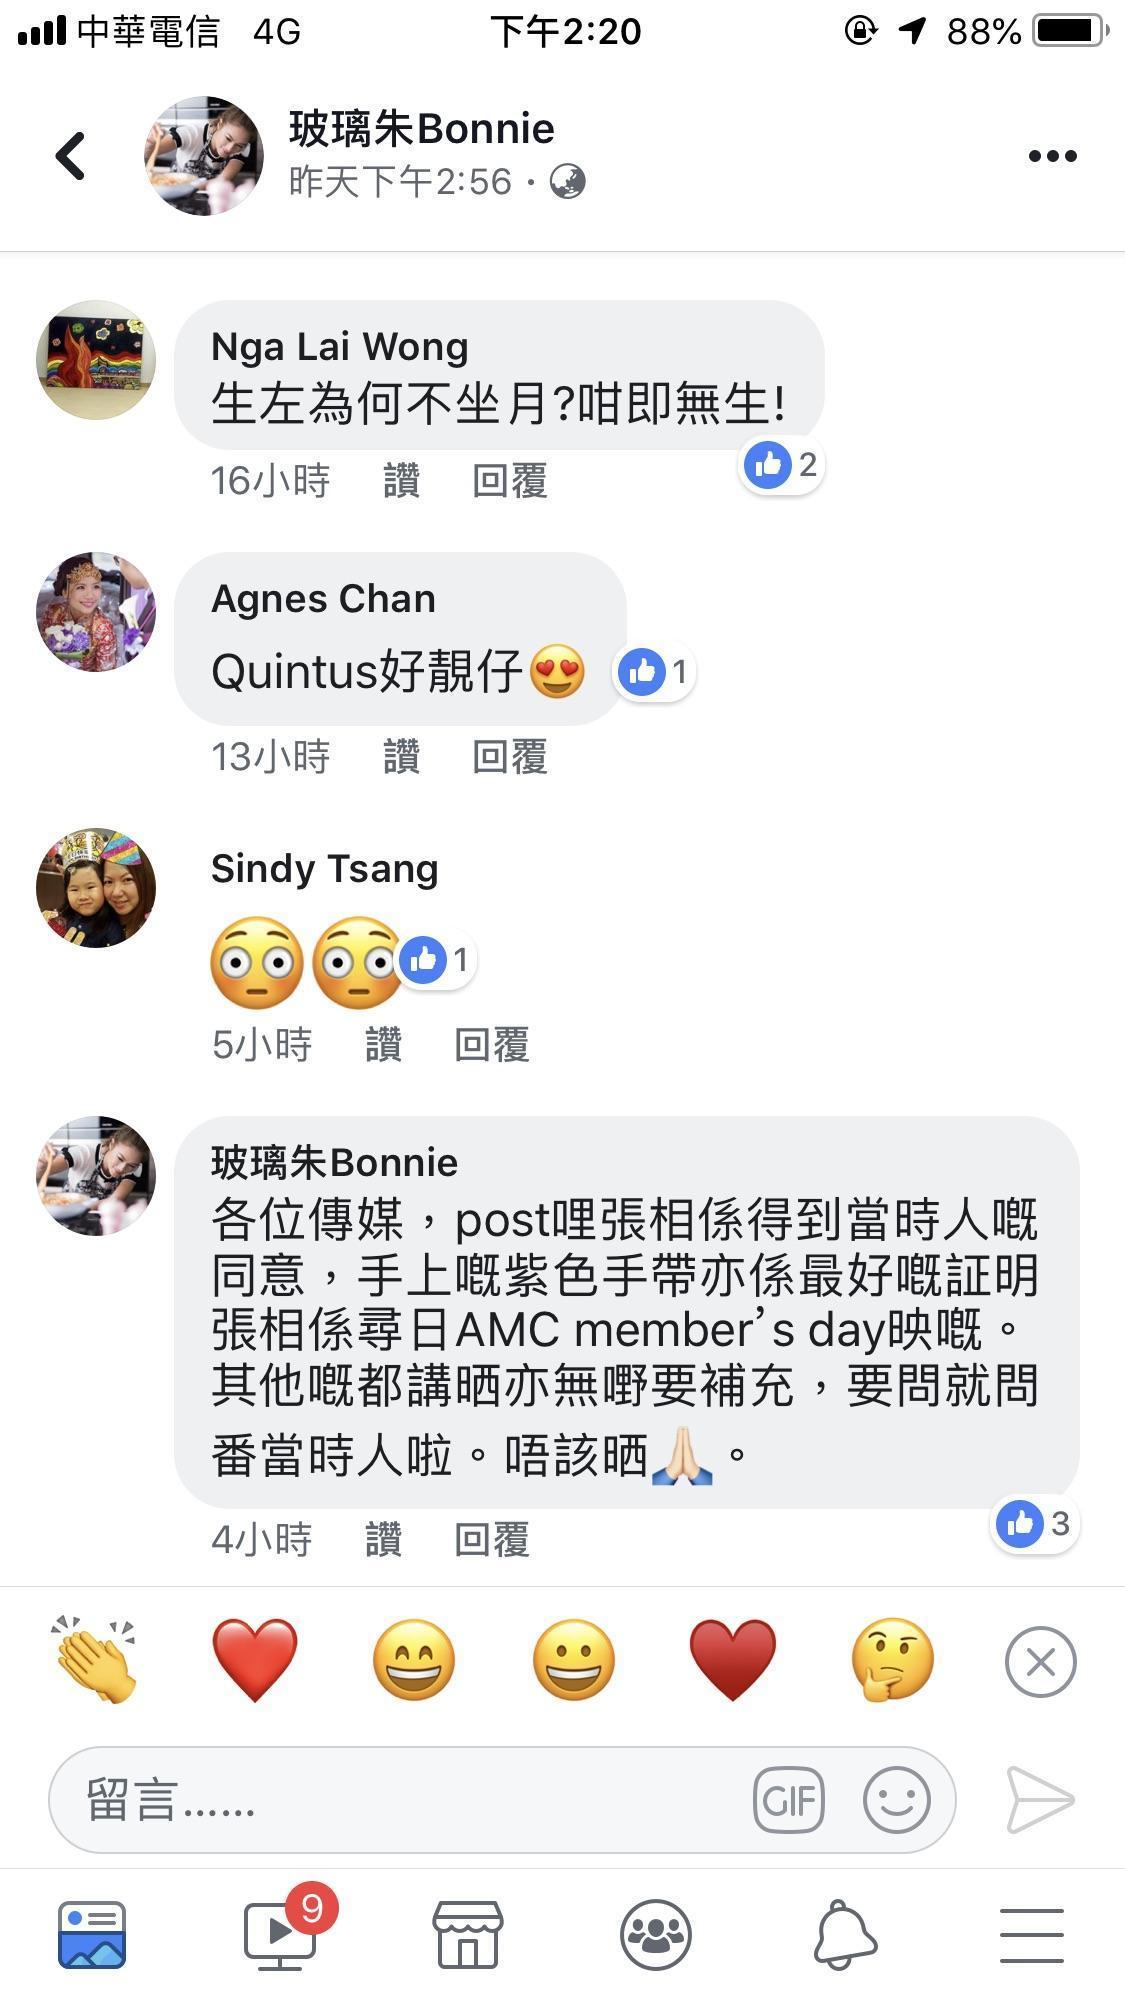 好友Bonnie Chu 在臉書留言表示照片是得到張栢芝同意放上網,要說得都說了,至於其他事情請問張栢芝本人。(翻攝自玻璃朱Bonnie臉書)